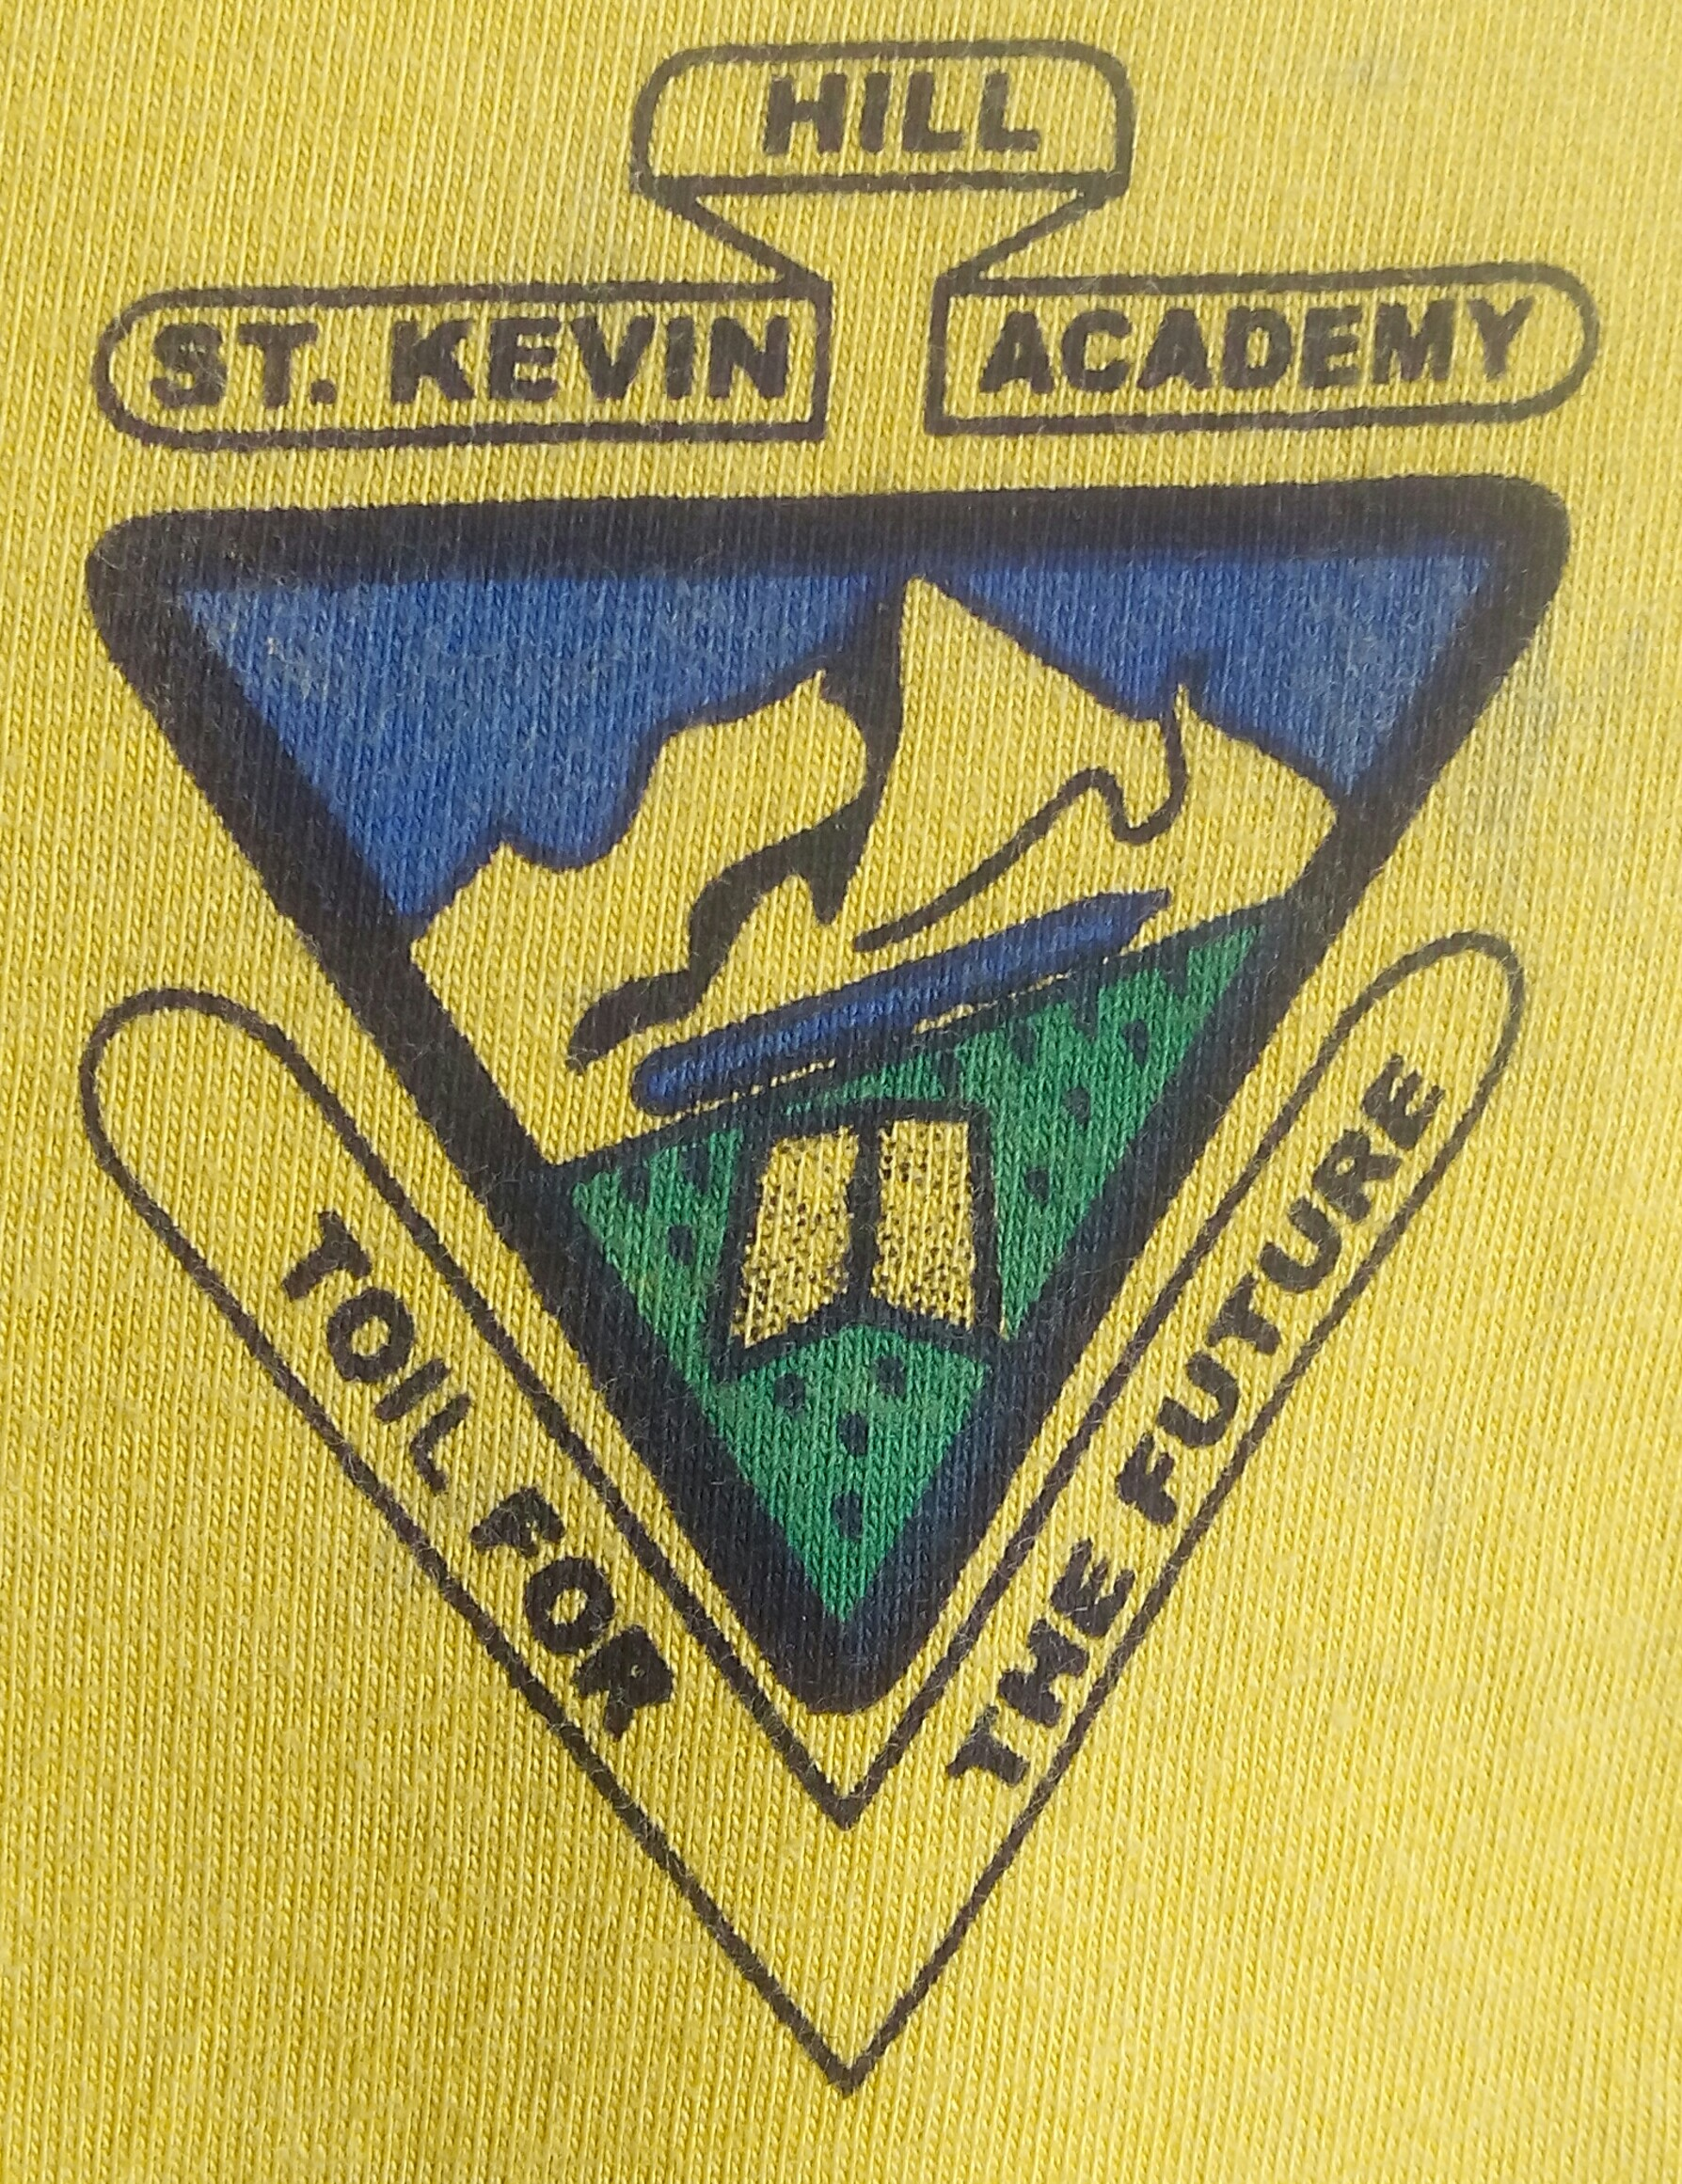 Kevin Hills Mishomoroni